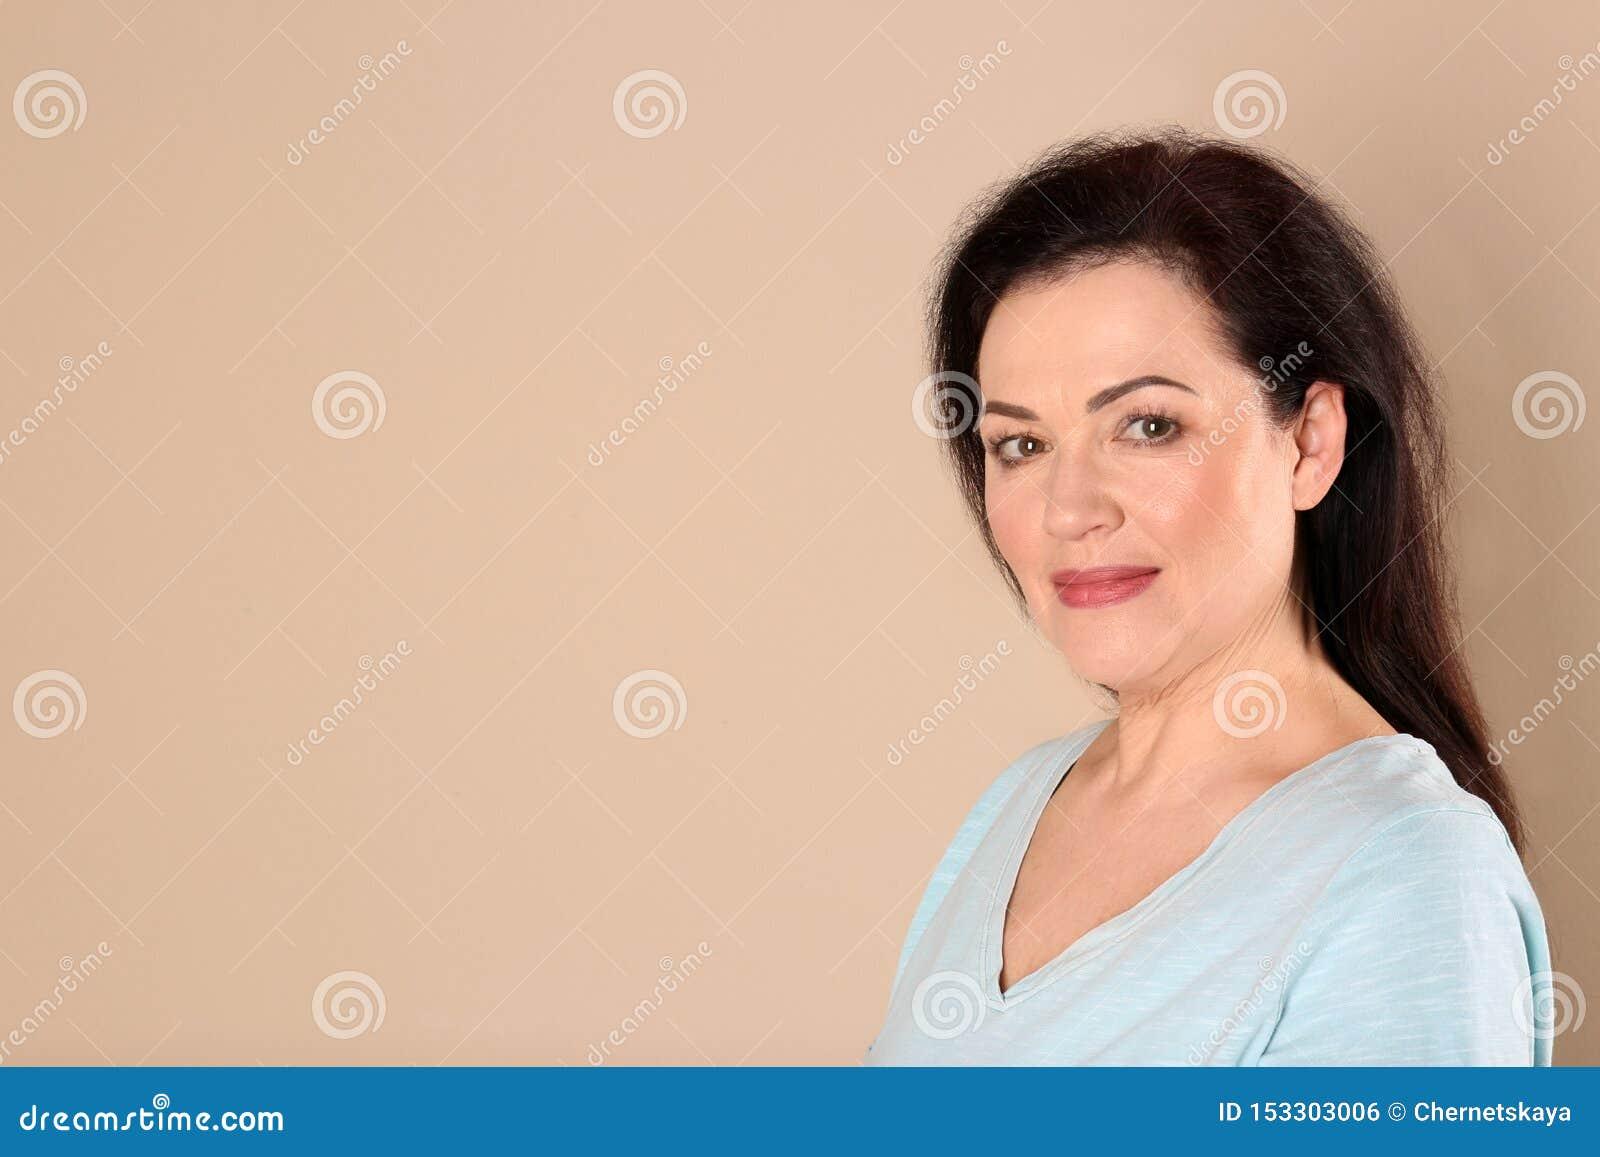 Retrato de encantar la mujer madura con la piel hermosa sana de la cara y el maquillaje natural en fondo beige